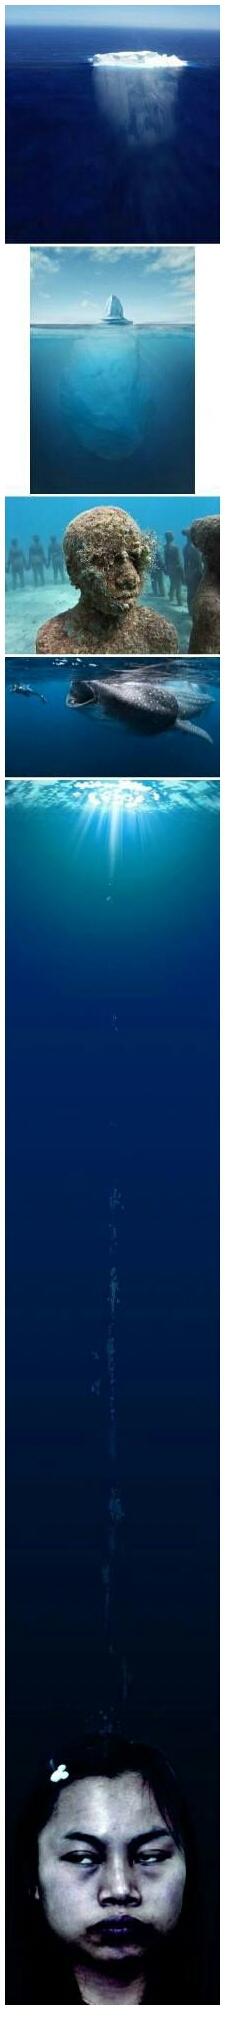 【各种深海恐怖 总有一张让你害怕】